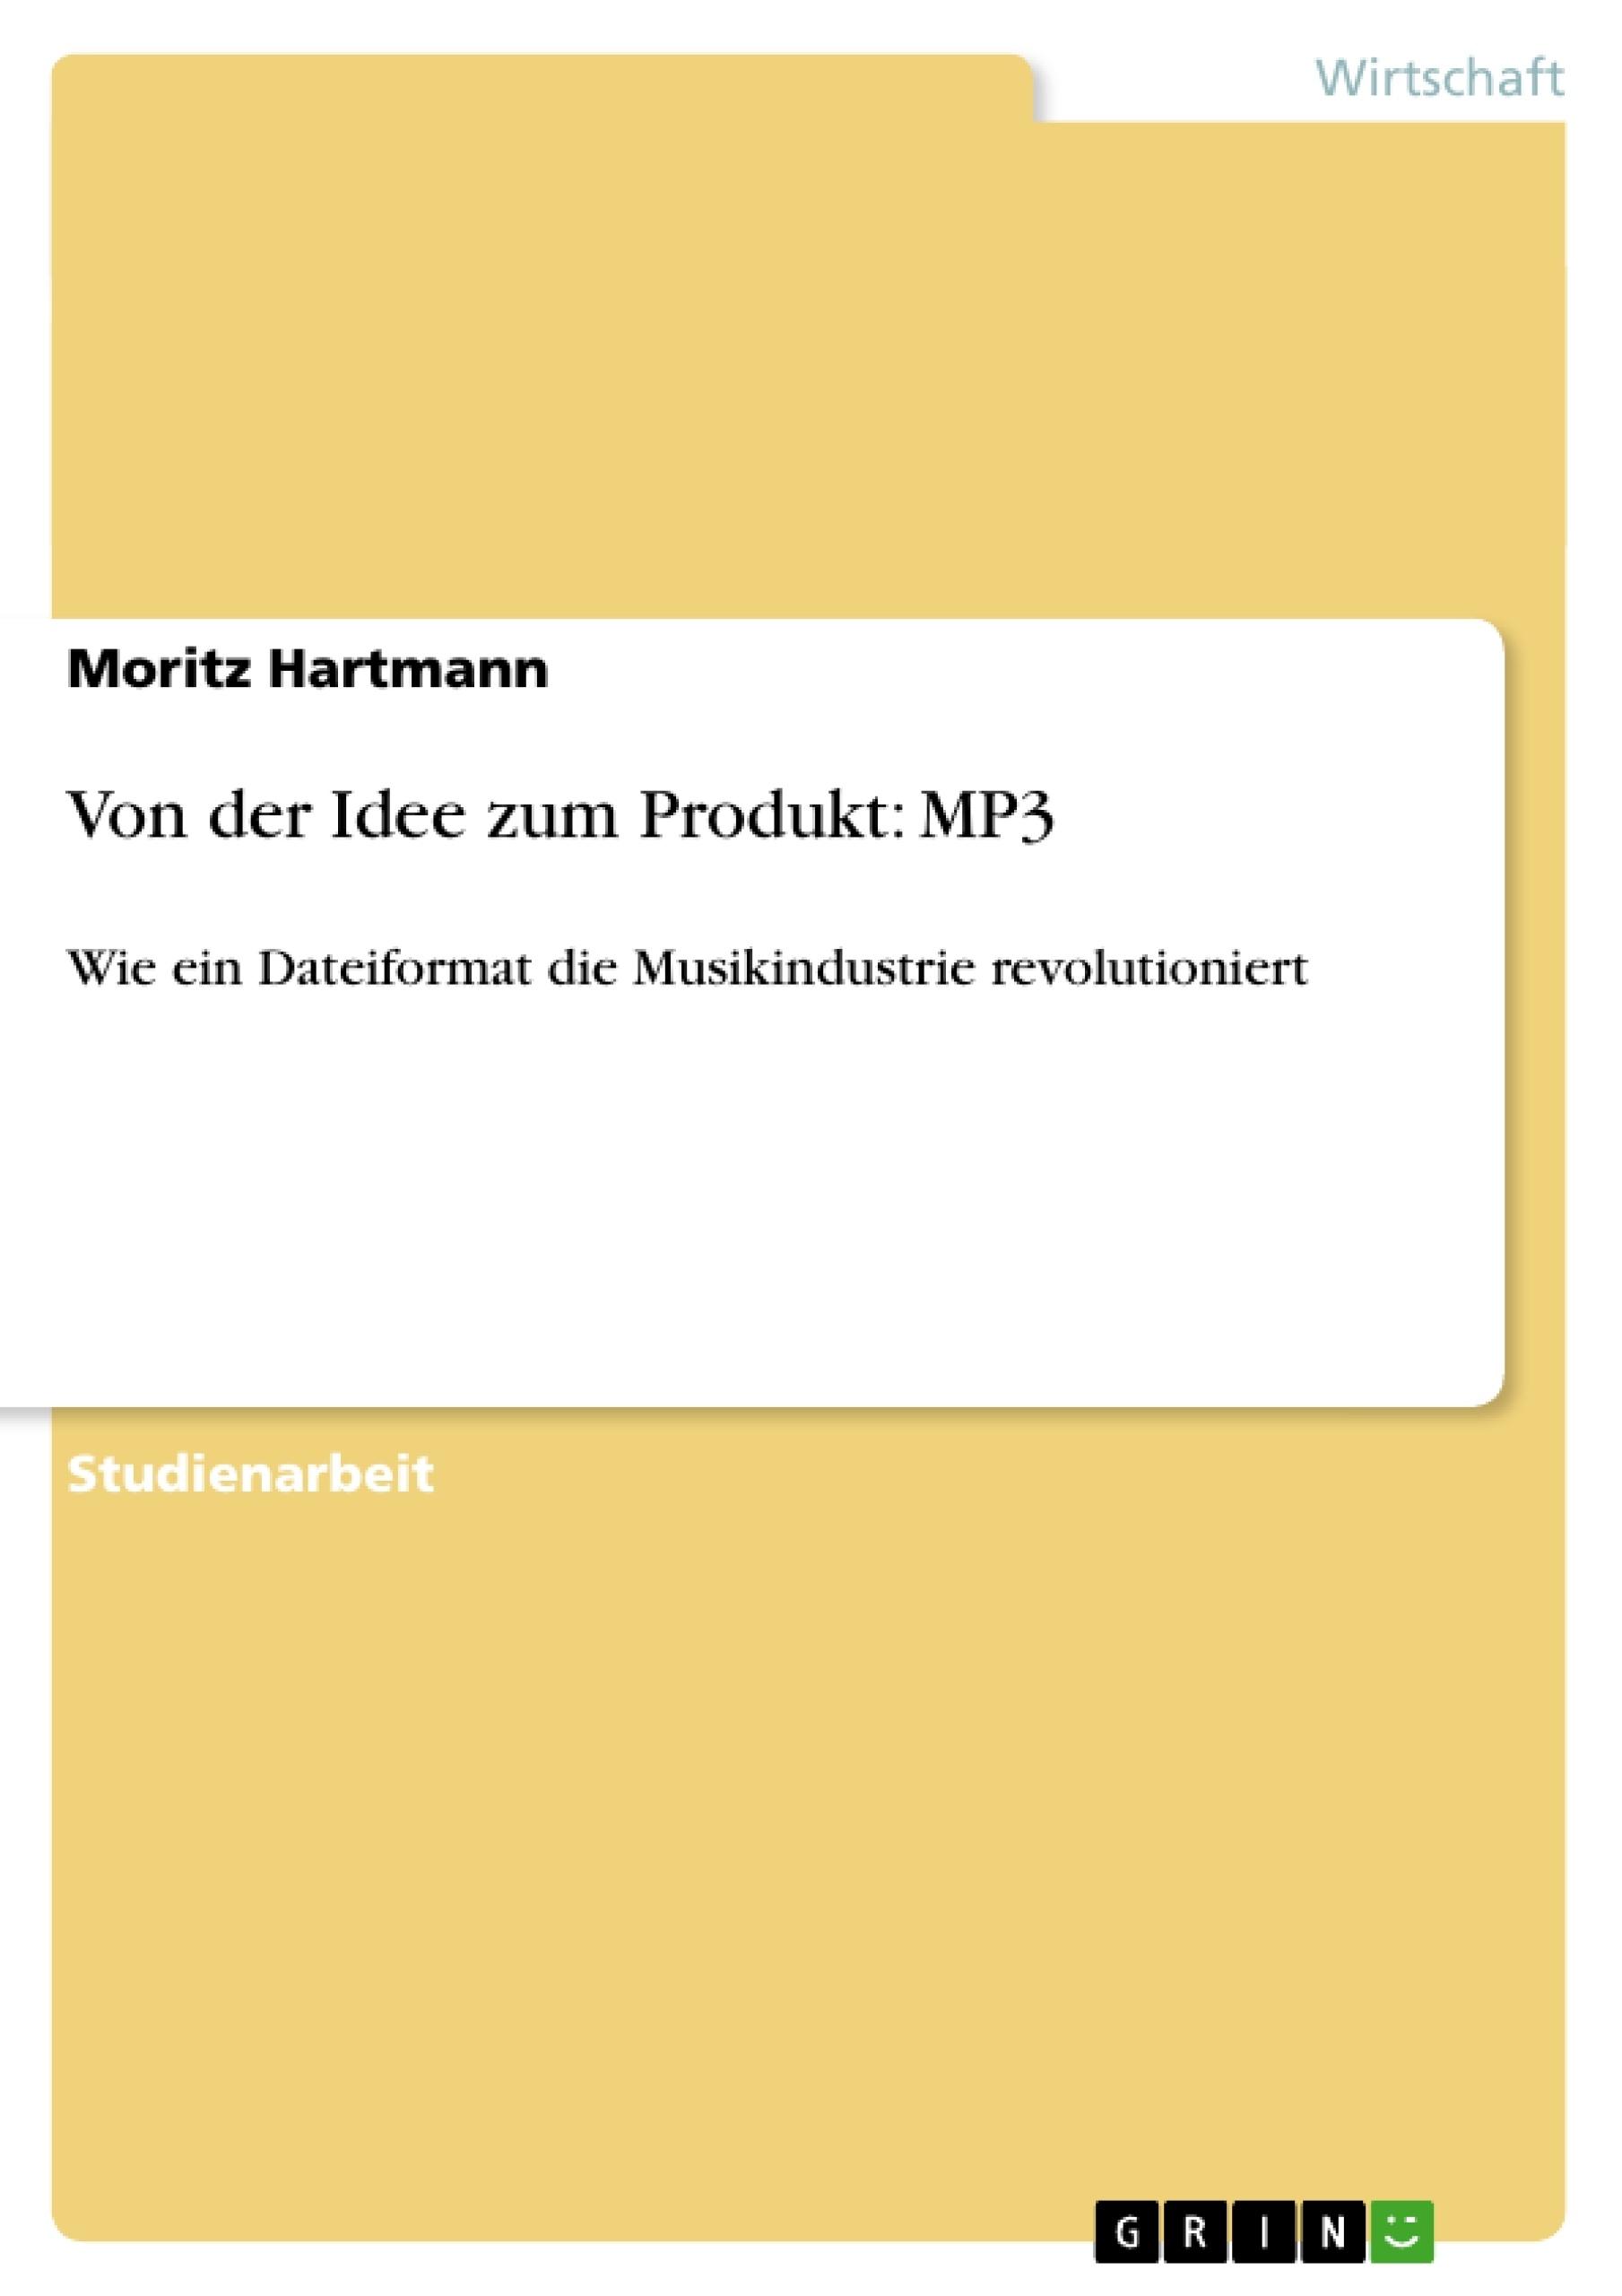 Titel: Von der Idee zum Produkt: MP3